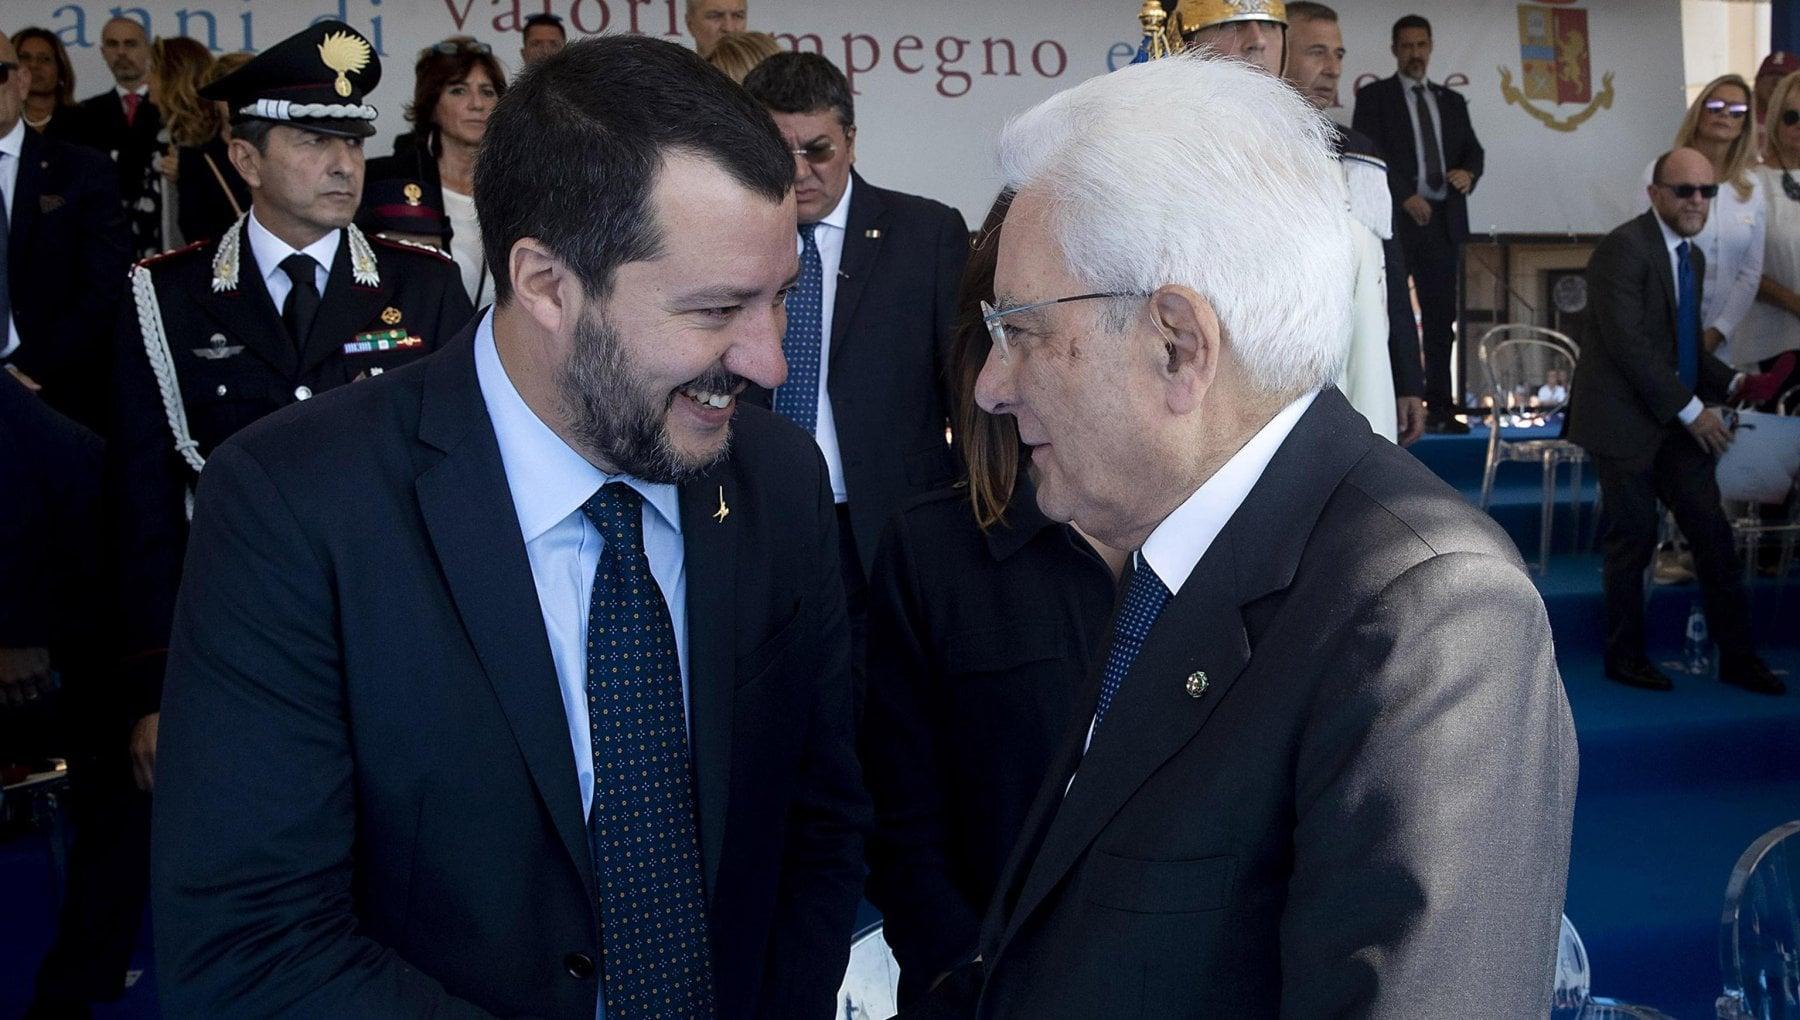 Decreto Sicurezza Salvini ricevuto da Mattarella. Leader Lega Da governo mancanza di dialogo